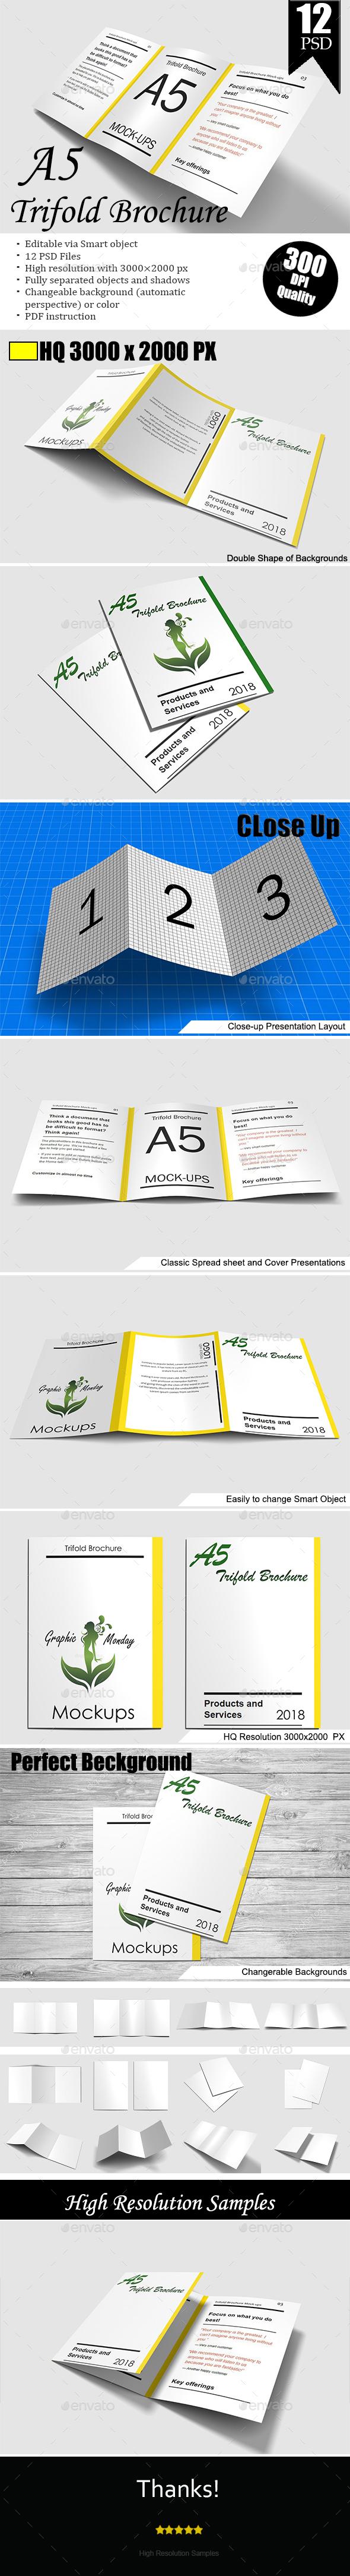 A5 Trifold Brochure Mockup Vol.2 - Brochures Print